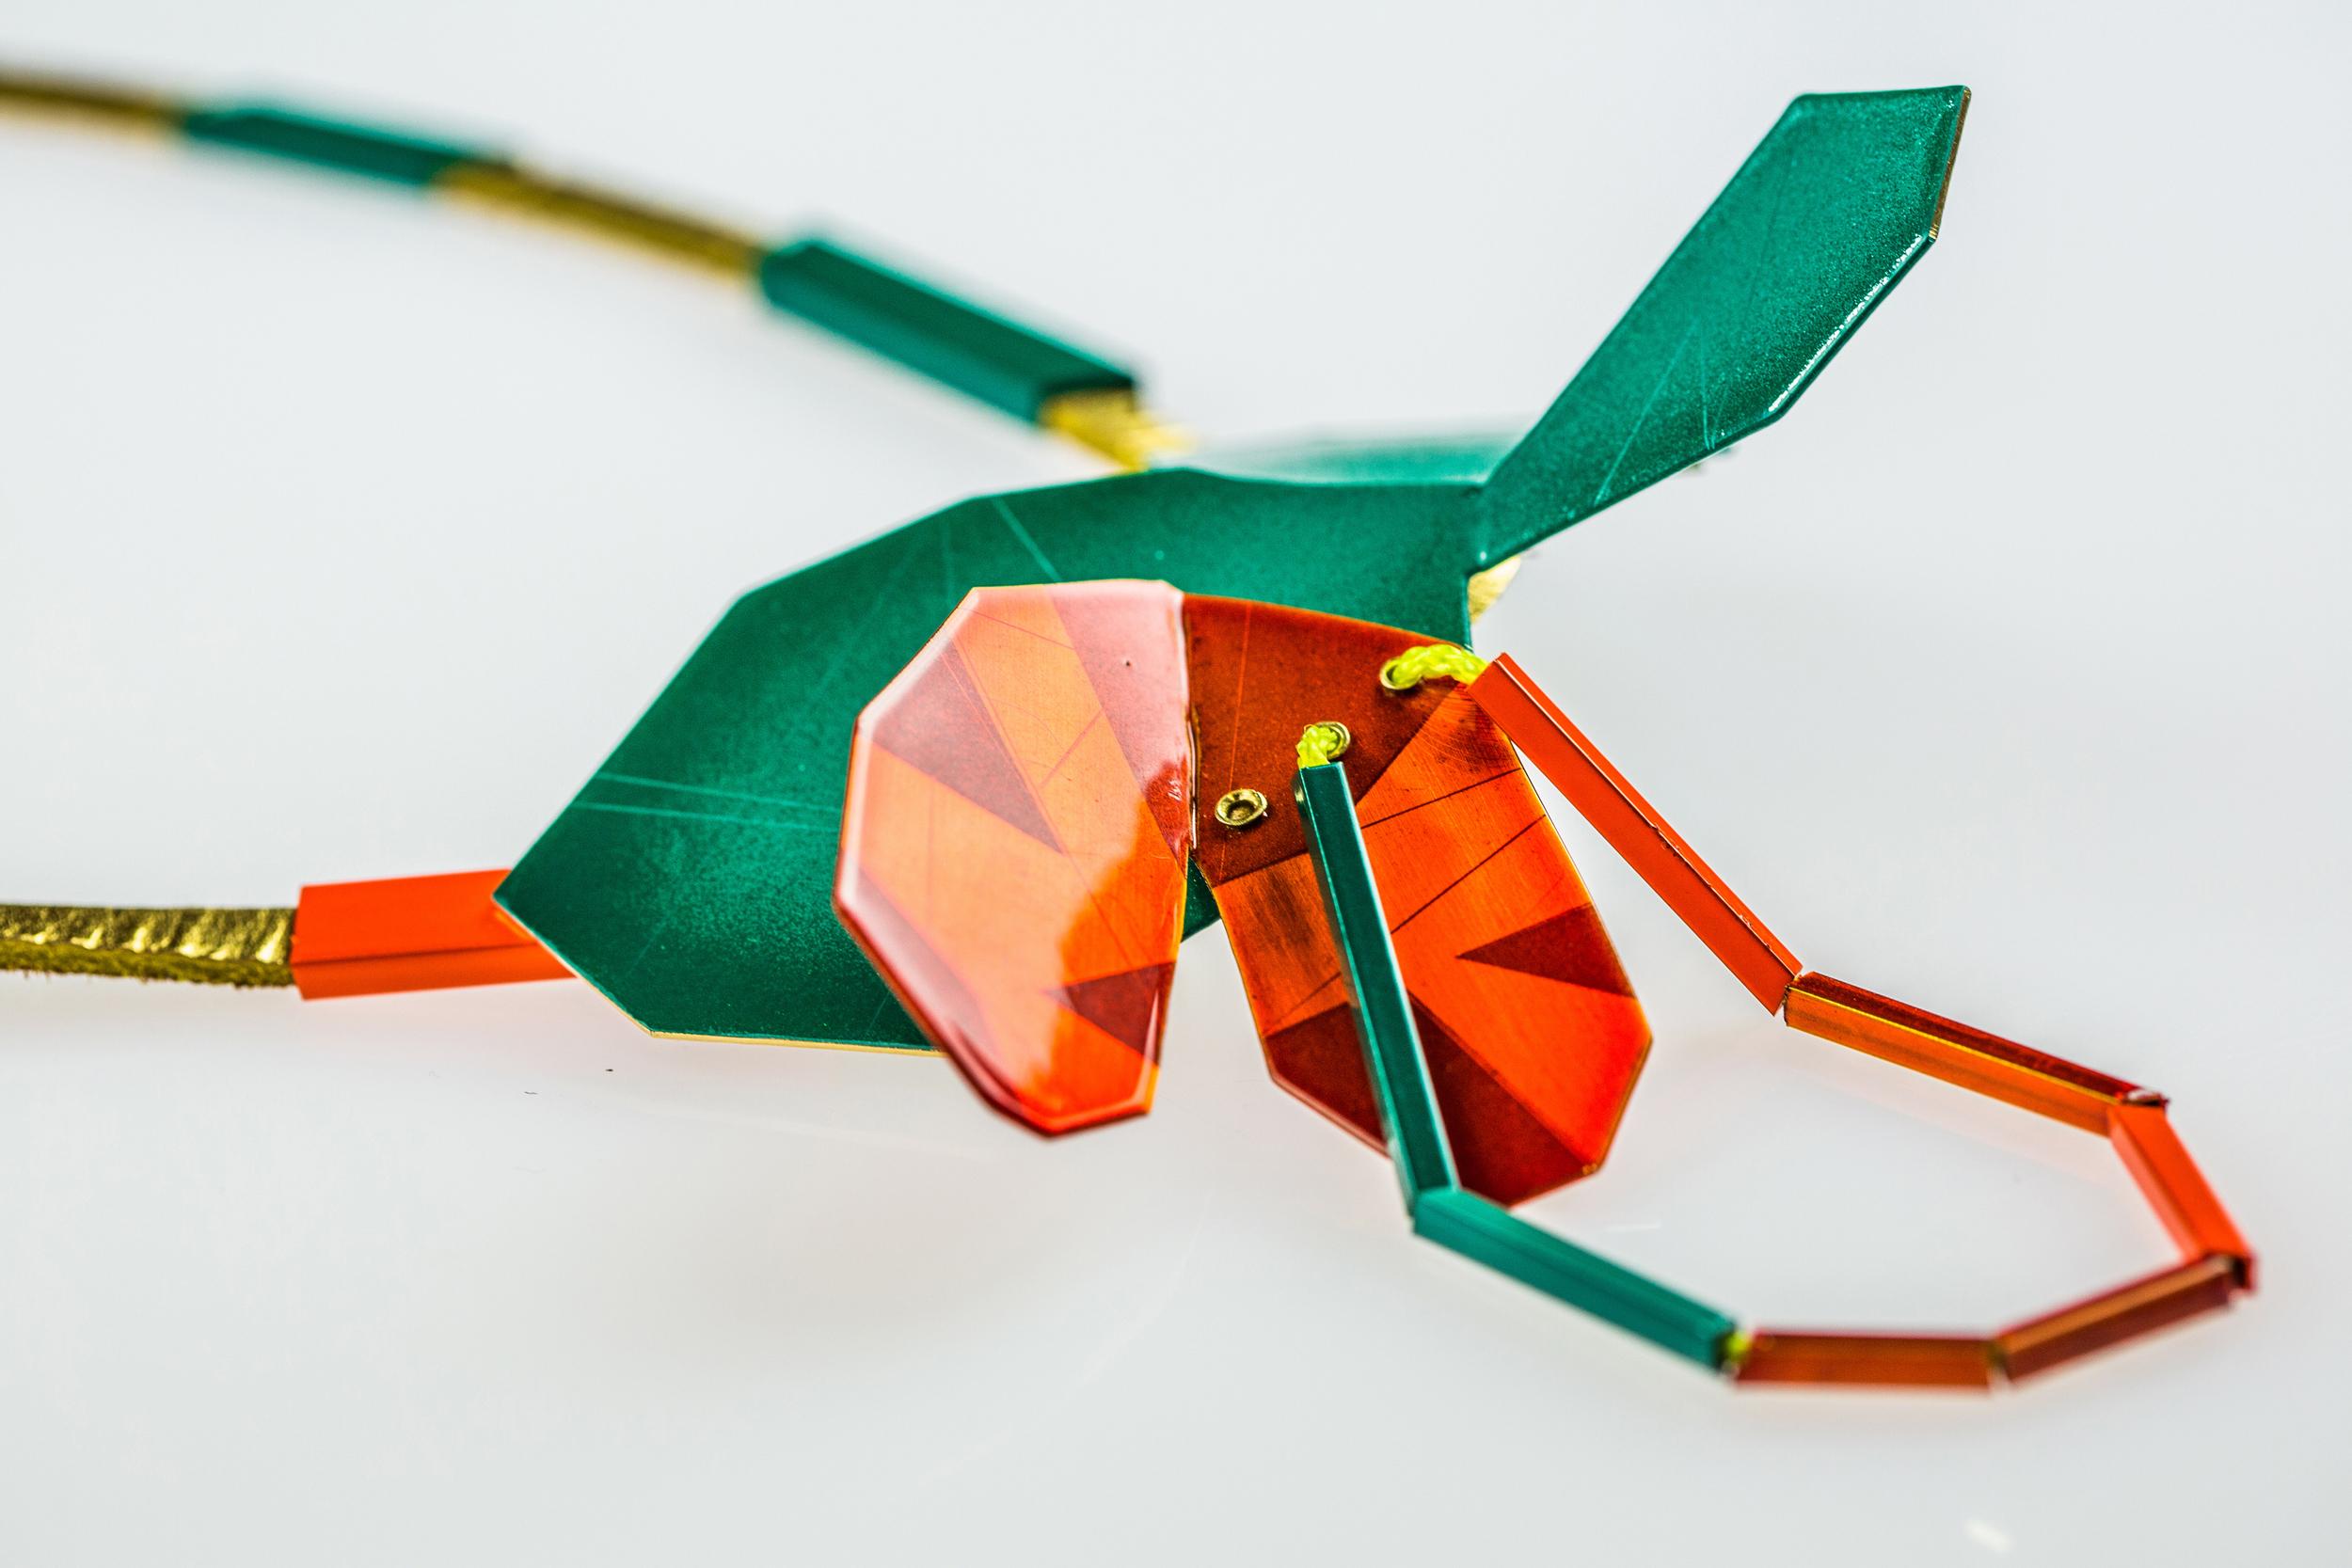 5 Gems and Loop Necklace_detail_Voegele.jpg